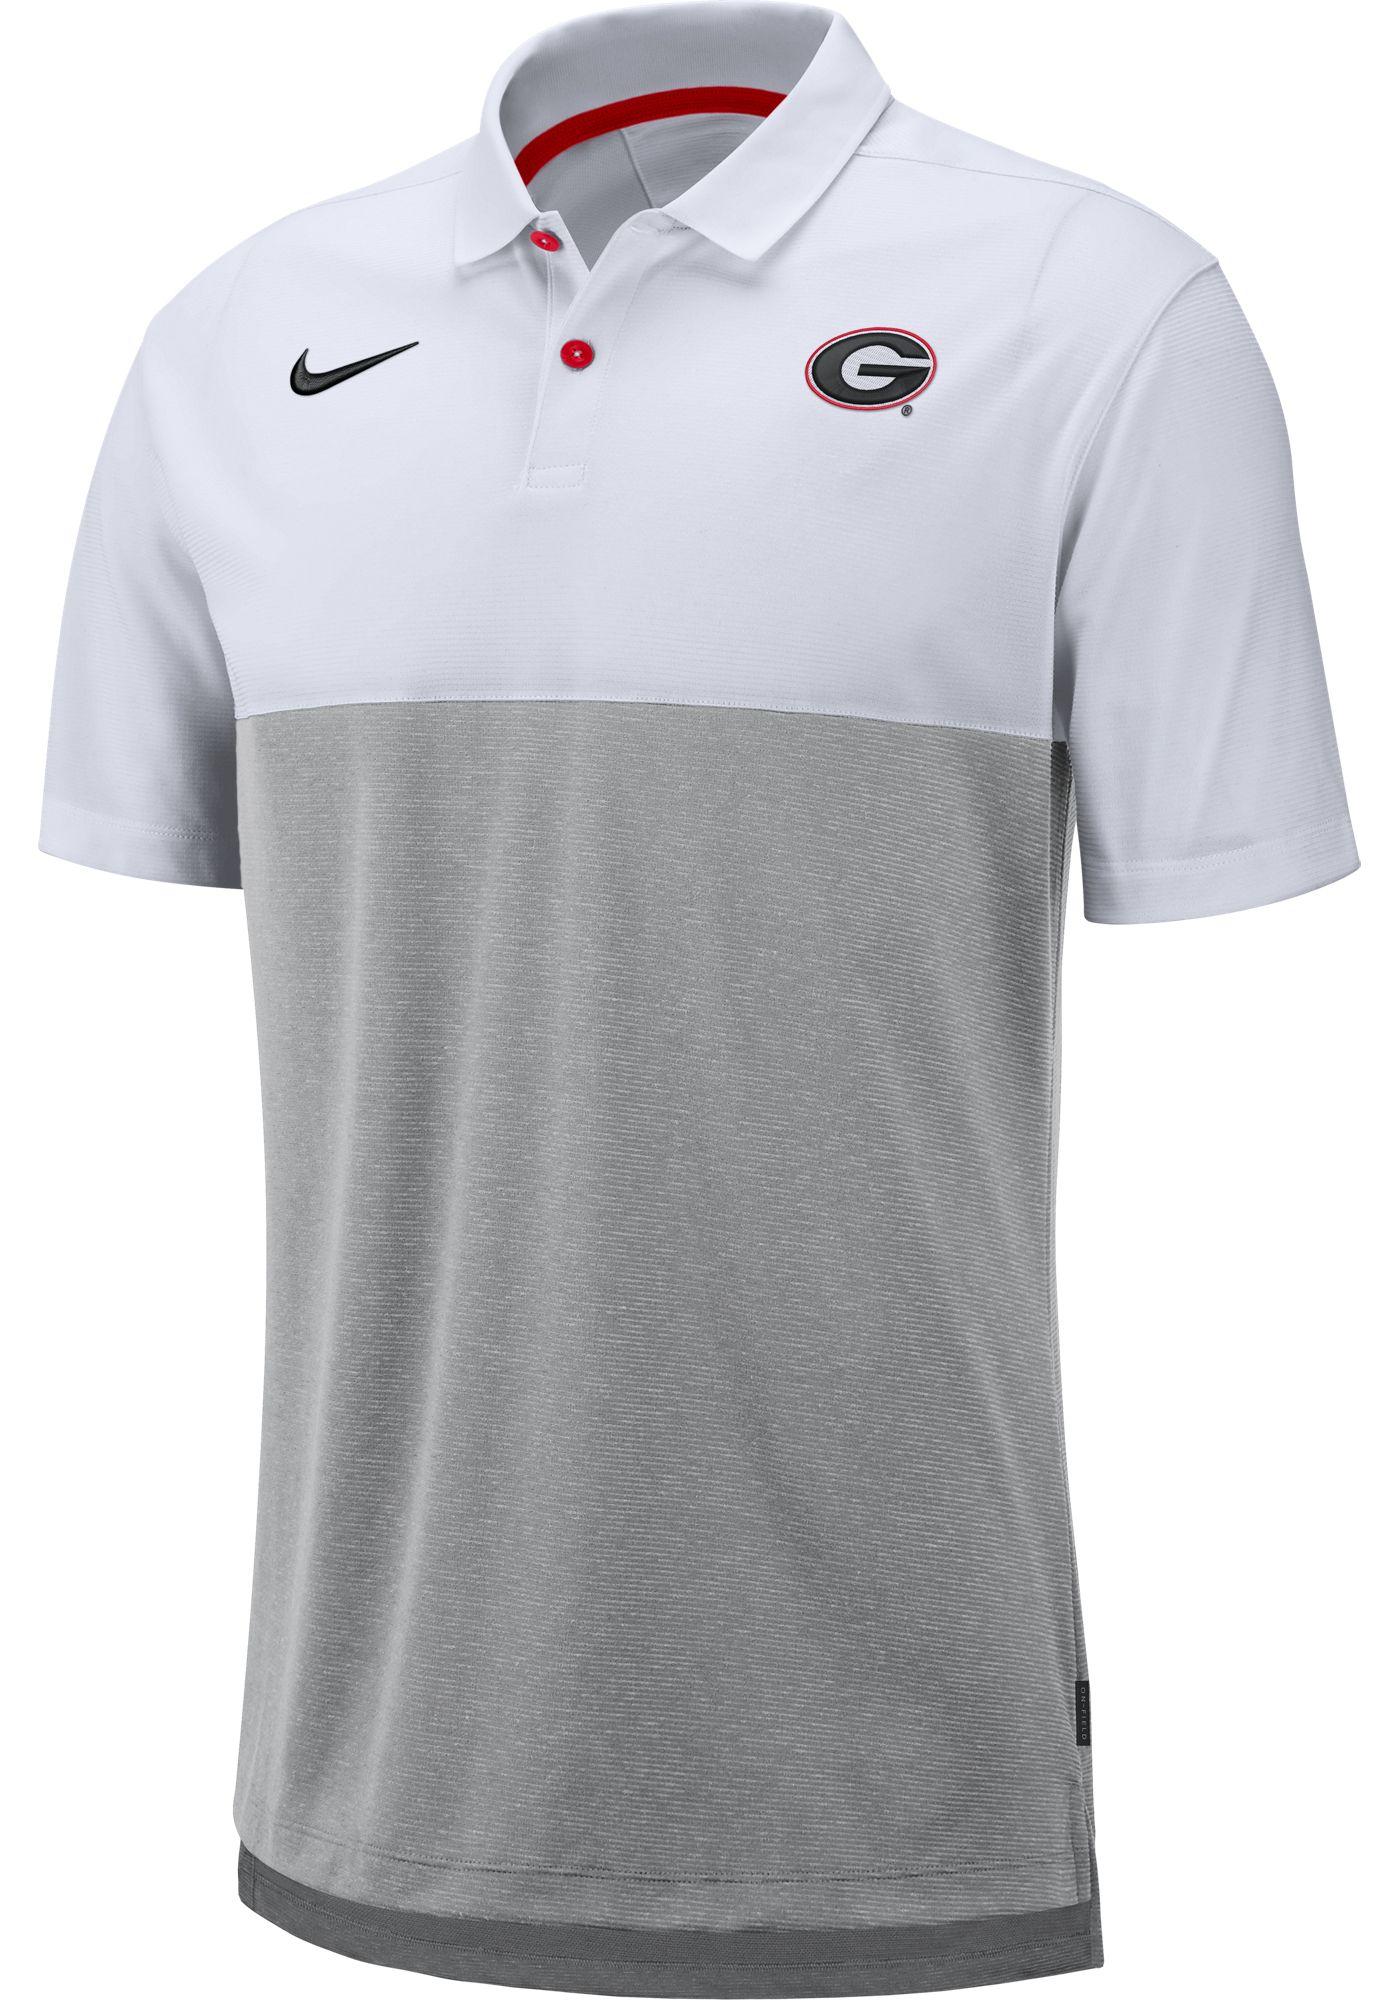 Nike Men's Georgia Bulldogs White/Grey Dri-FIT Breathe Football Sideline Polo